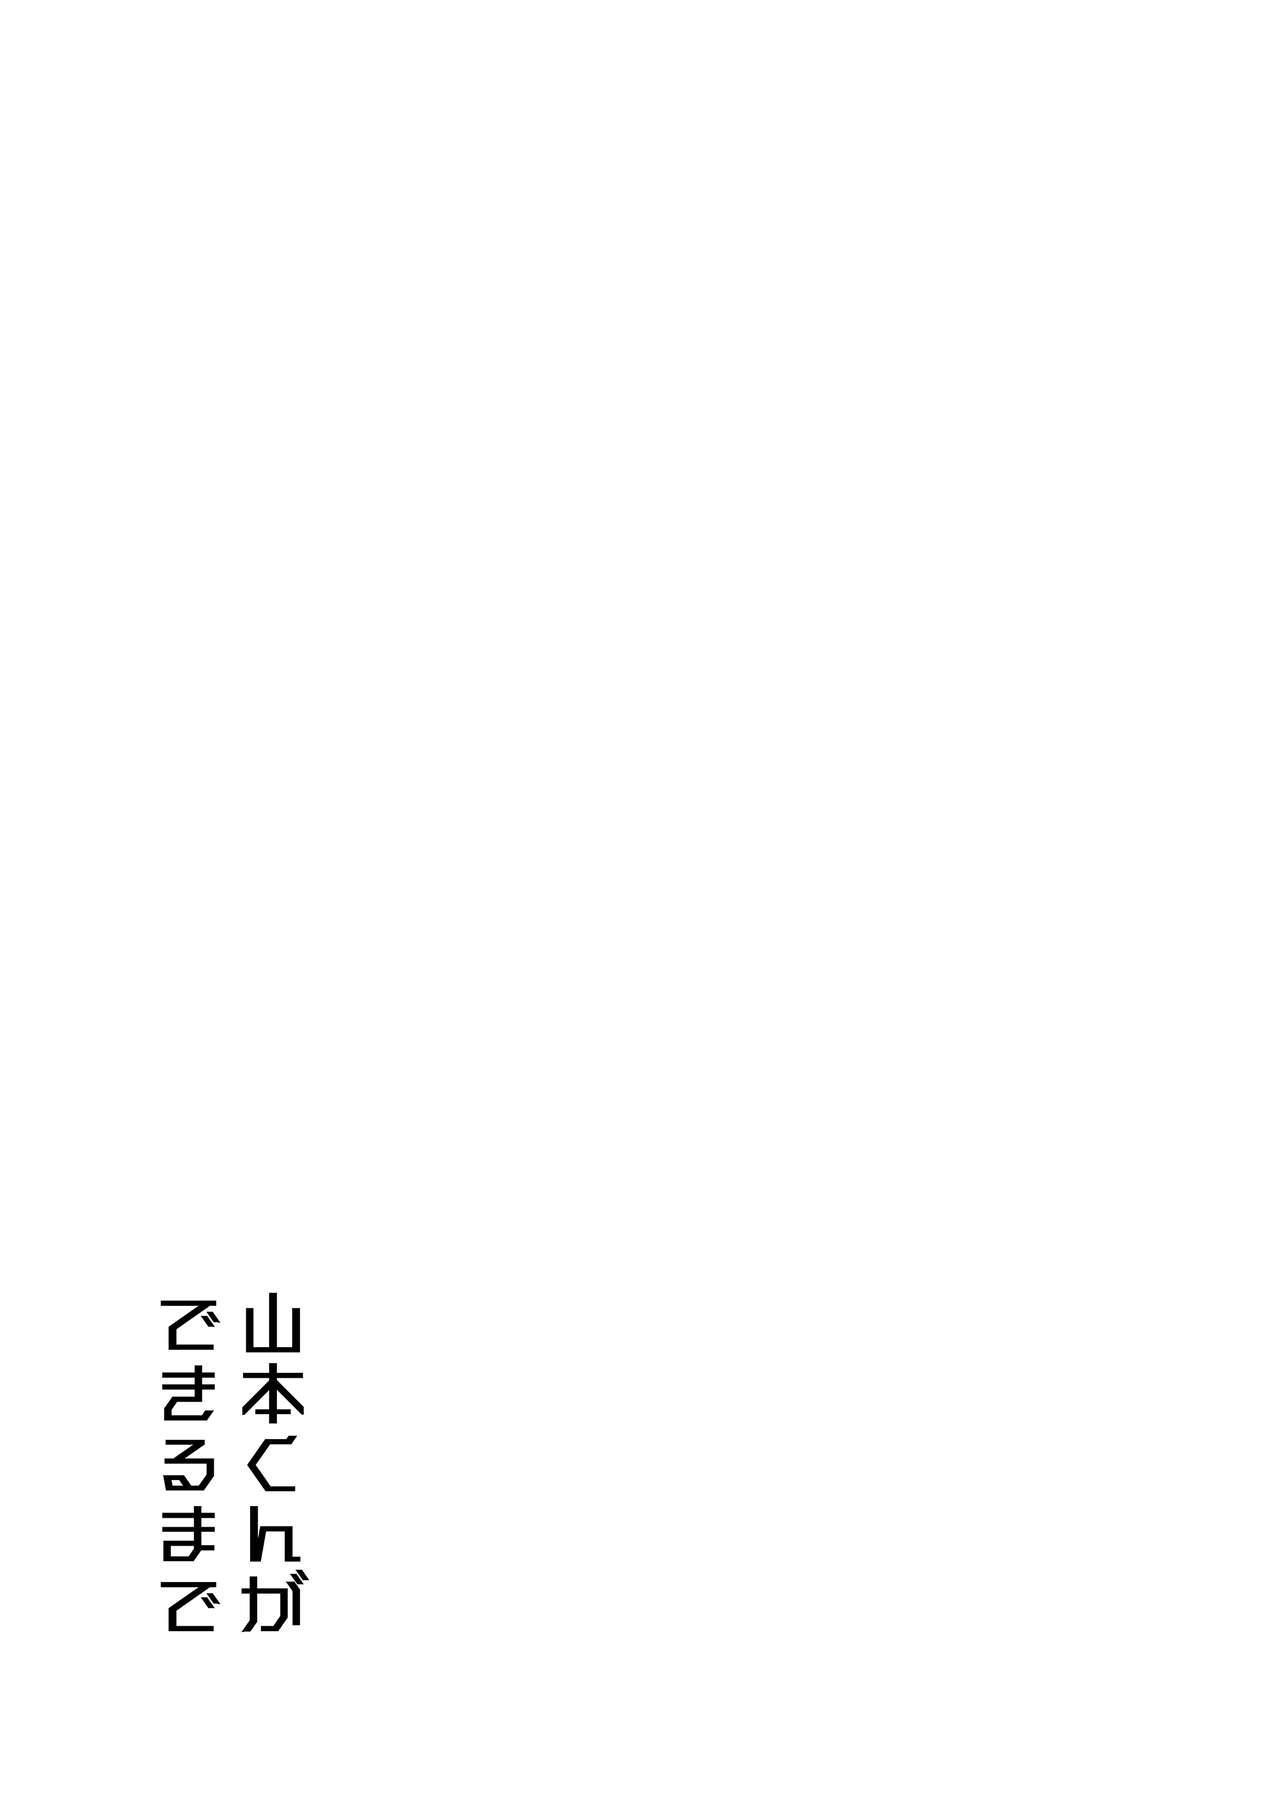 Yamamoto-kun ga Dekiru Made 31